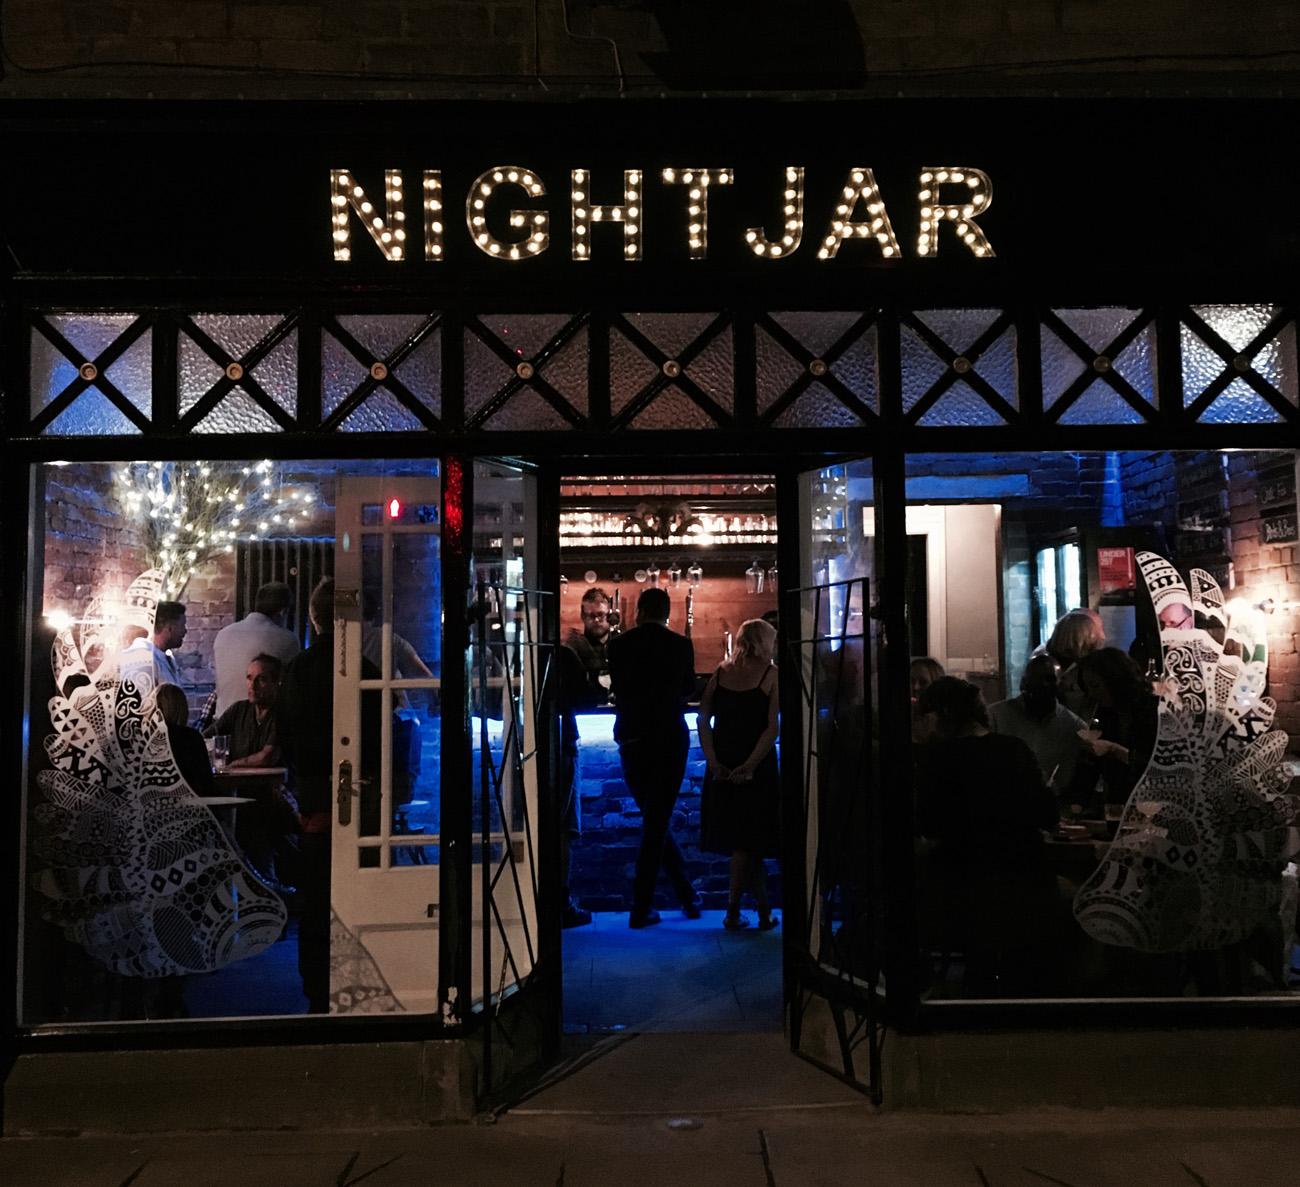 nightjar-image-4